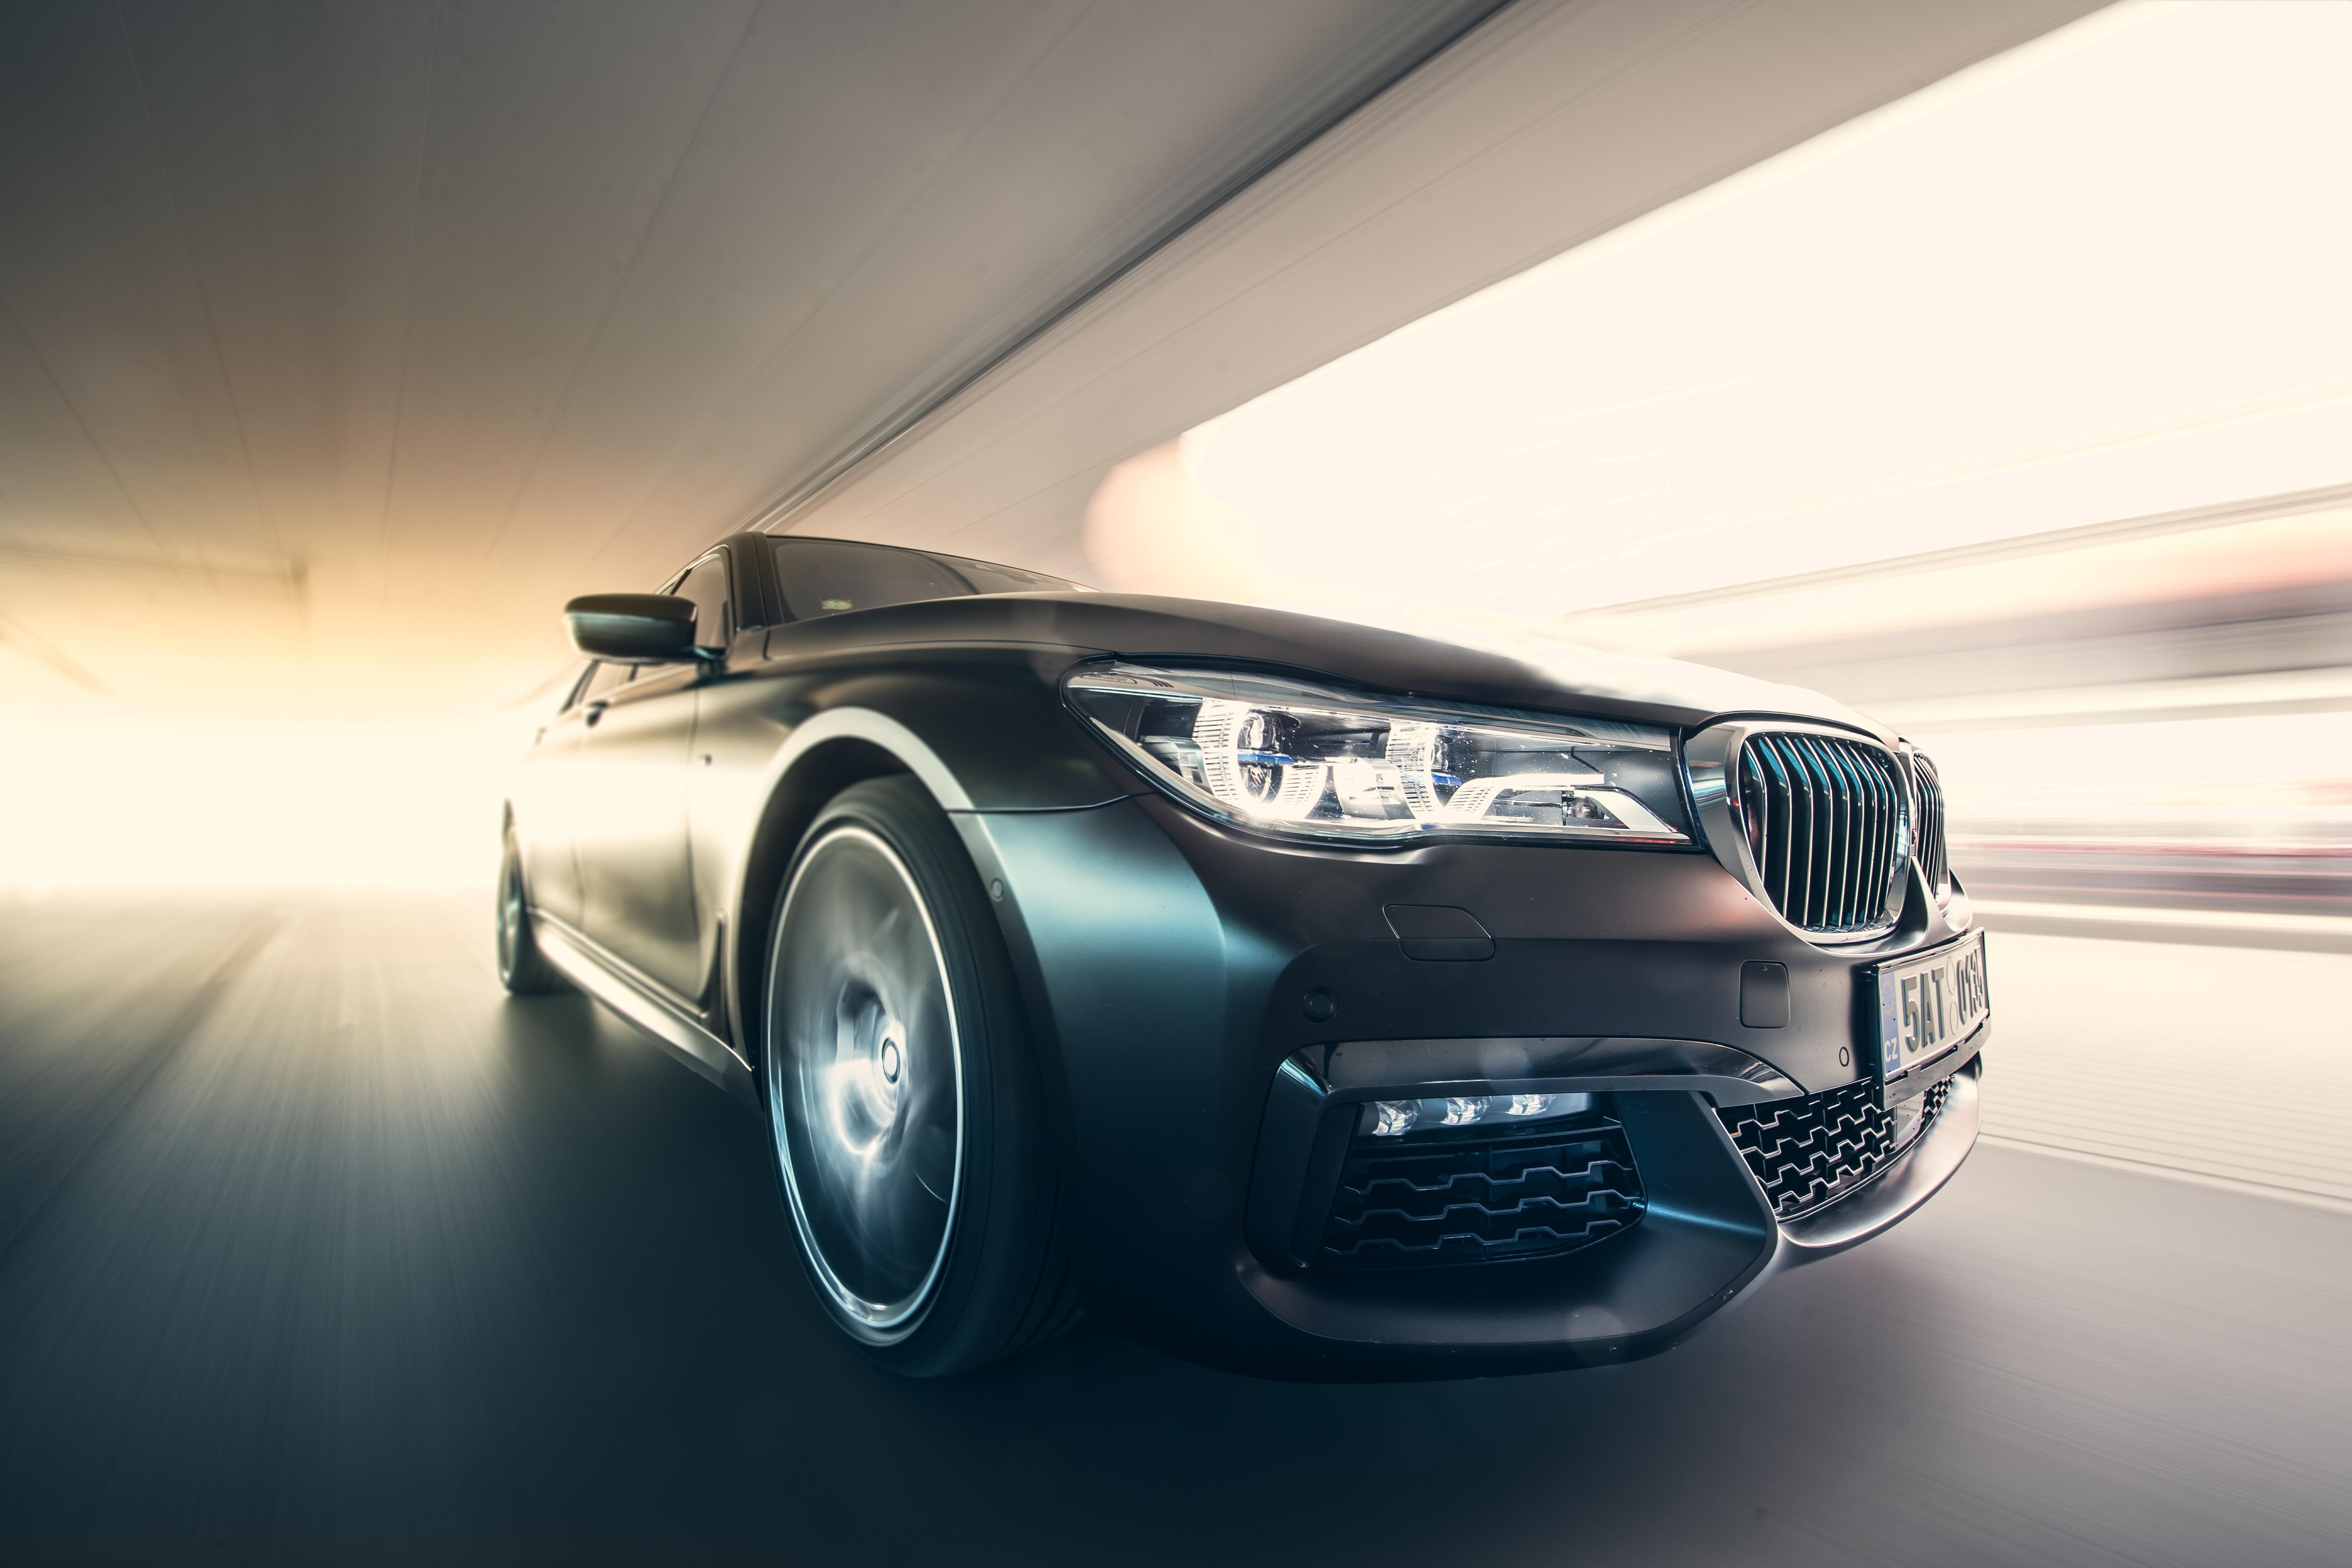 免費壁紙127810:汽车, 宝马7系, Bmw 7 Series, 宝马, 一辆车, 机器, 黑色的, 速度 下載手機圖片